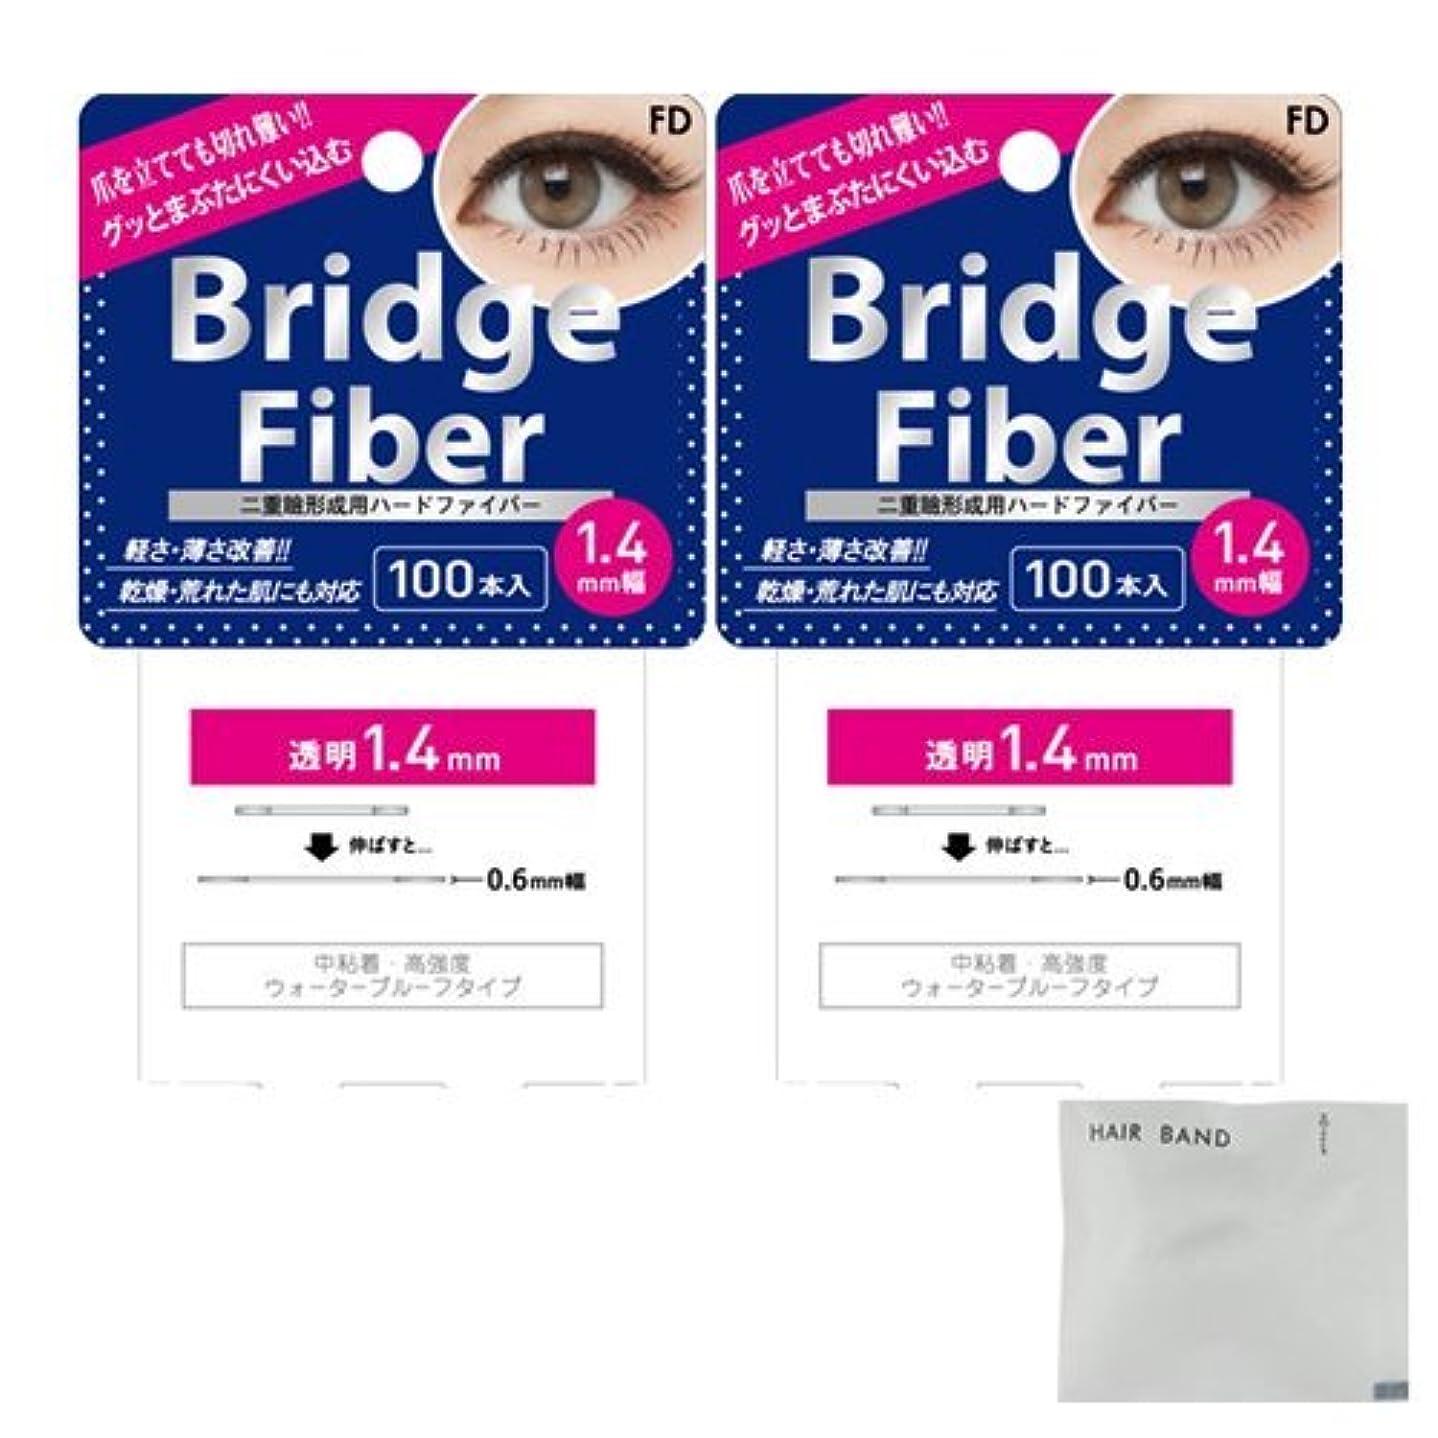 有益パット差別的FD ブリッジファイバーⅡ (Bridge Fiber) クリア1.4mm×2個 + ヘアゴム(カラーはおまかせ)セット